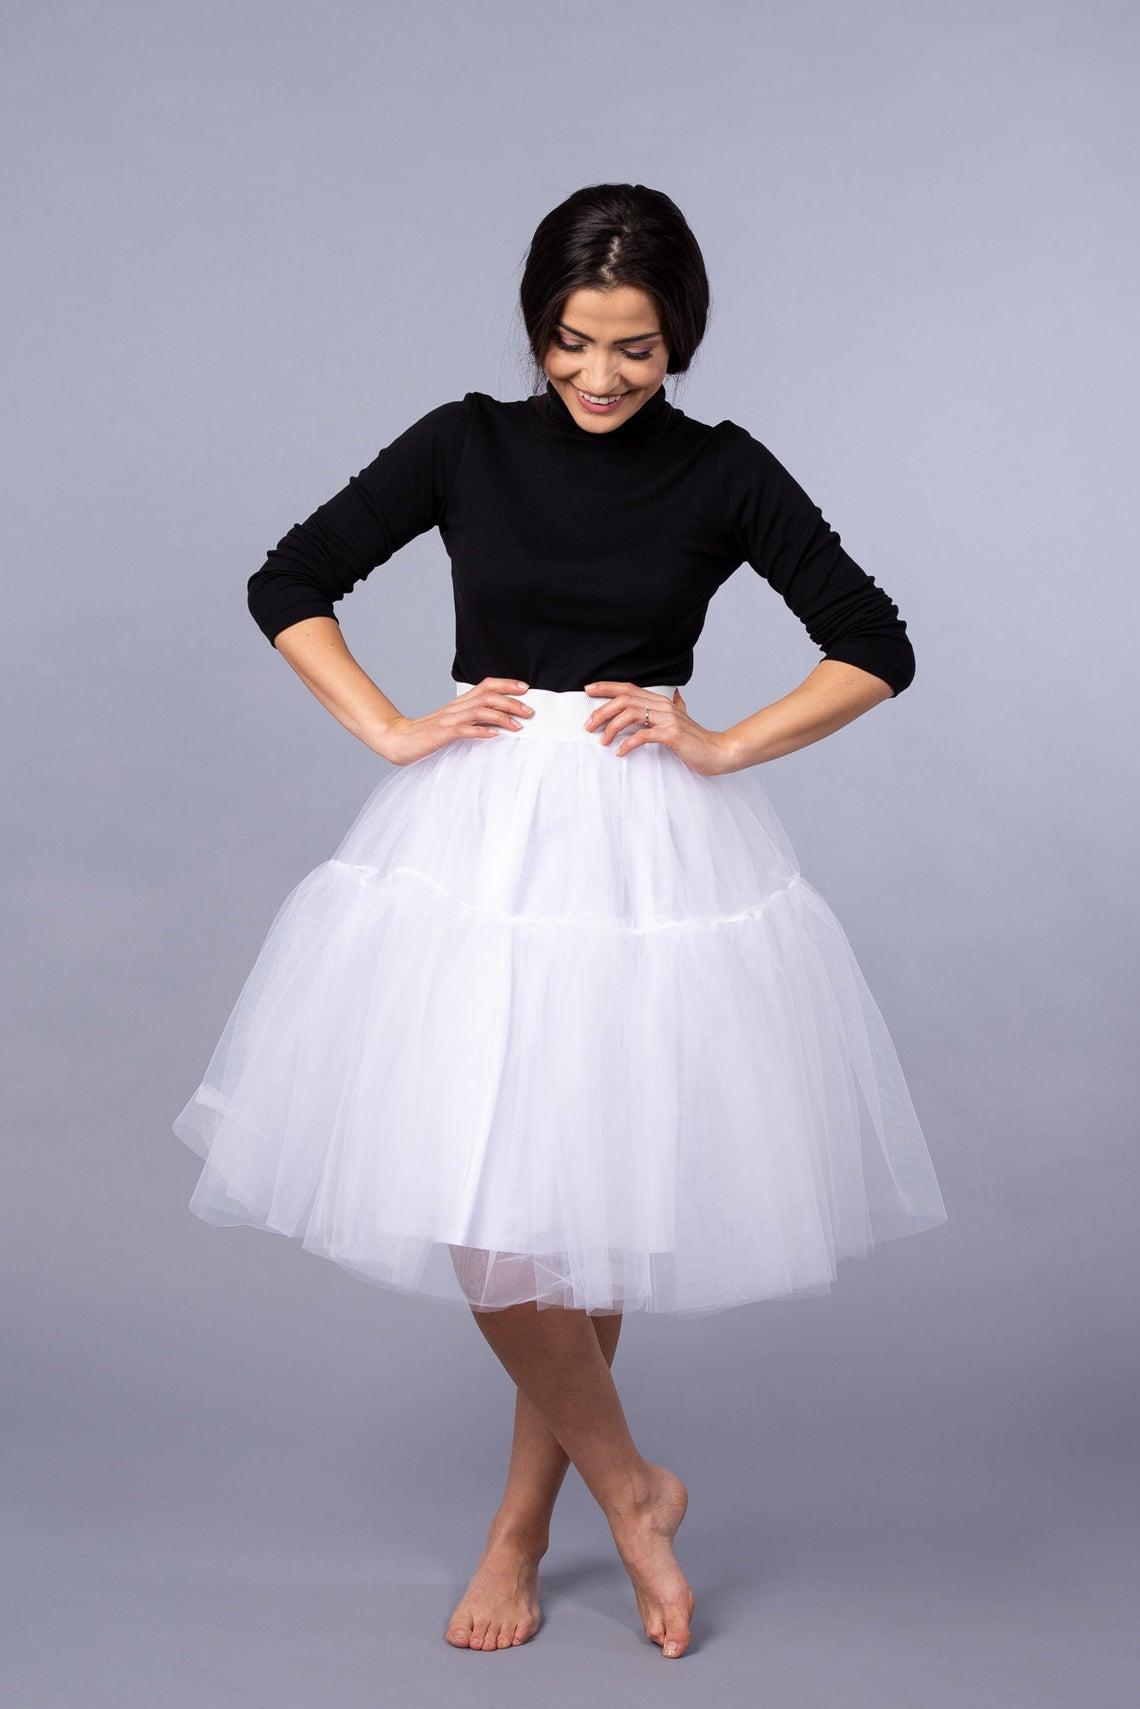 Ruffled Midi White Tulle Skirt / Party White Skirt / Wedding Midi White Skirt / Bridesmaid White Skirt / Summer White Skirt